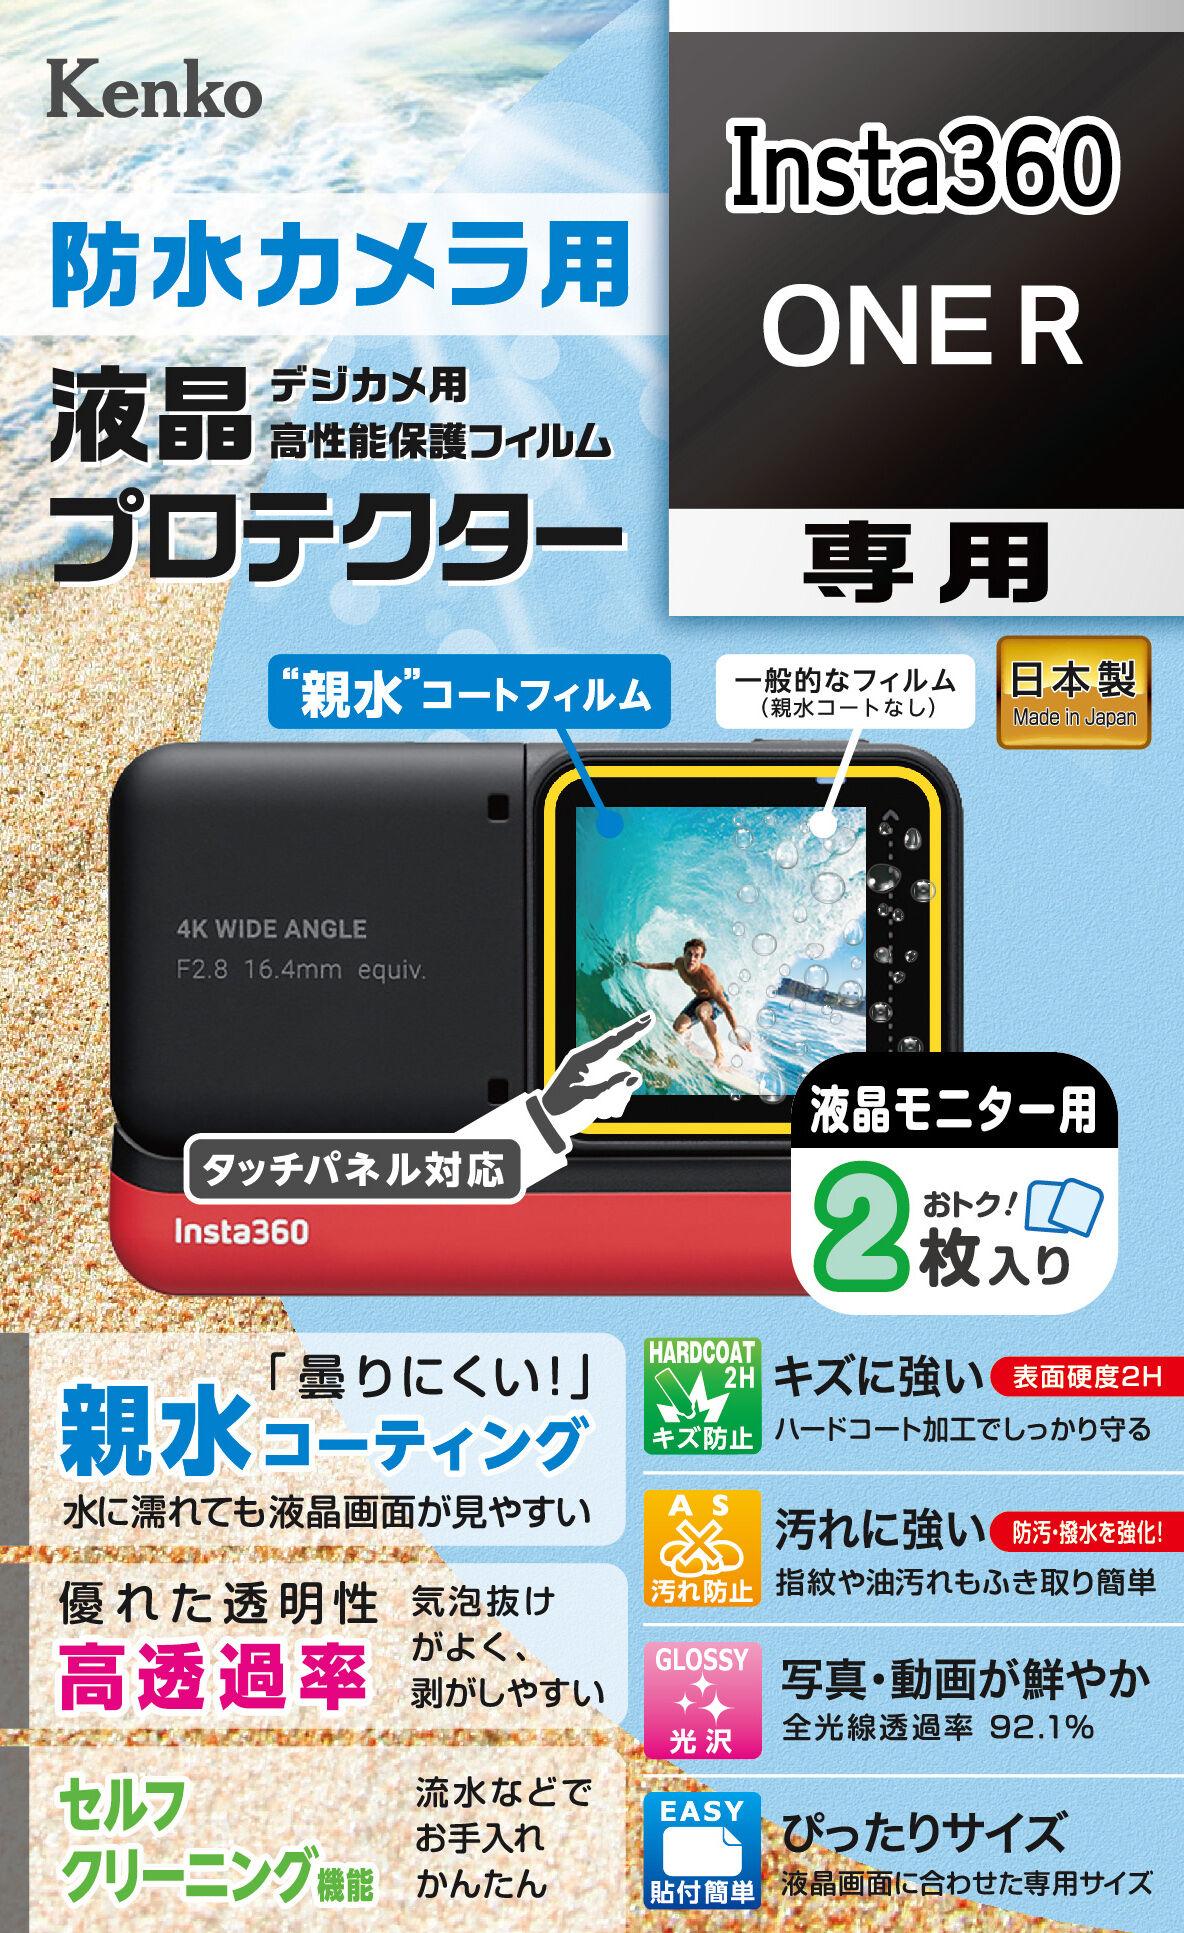 https://www.kenko-tokina.co.jp/imaging/eq/mt-images/4961607734308.jpg